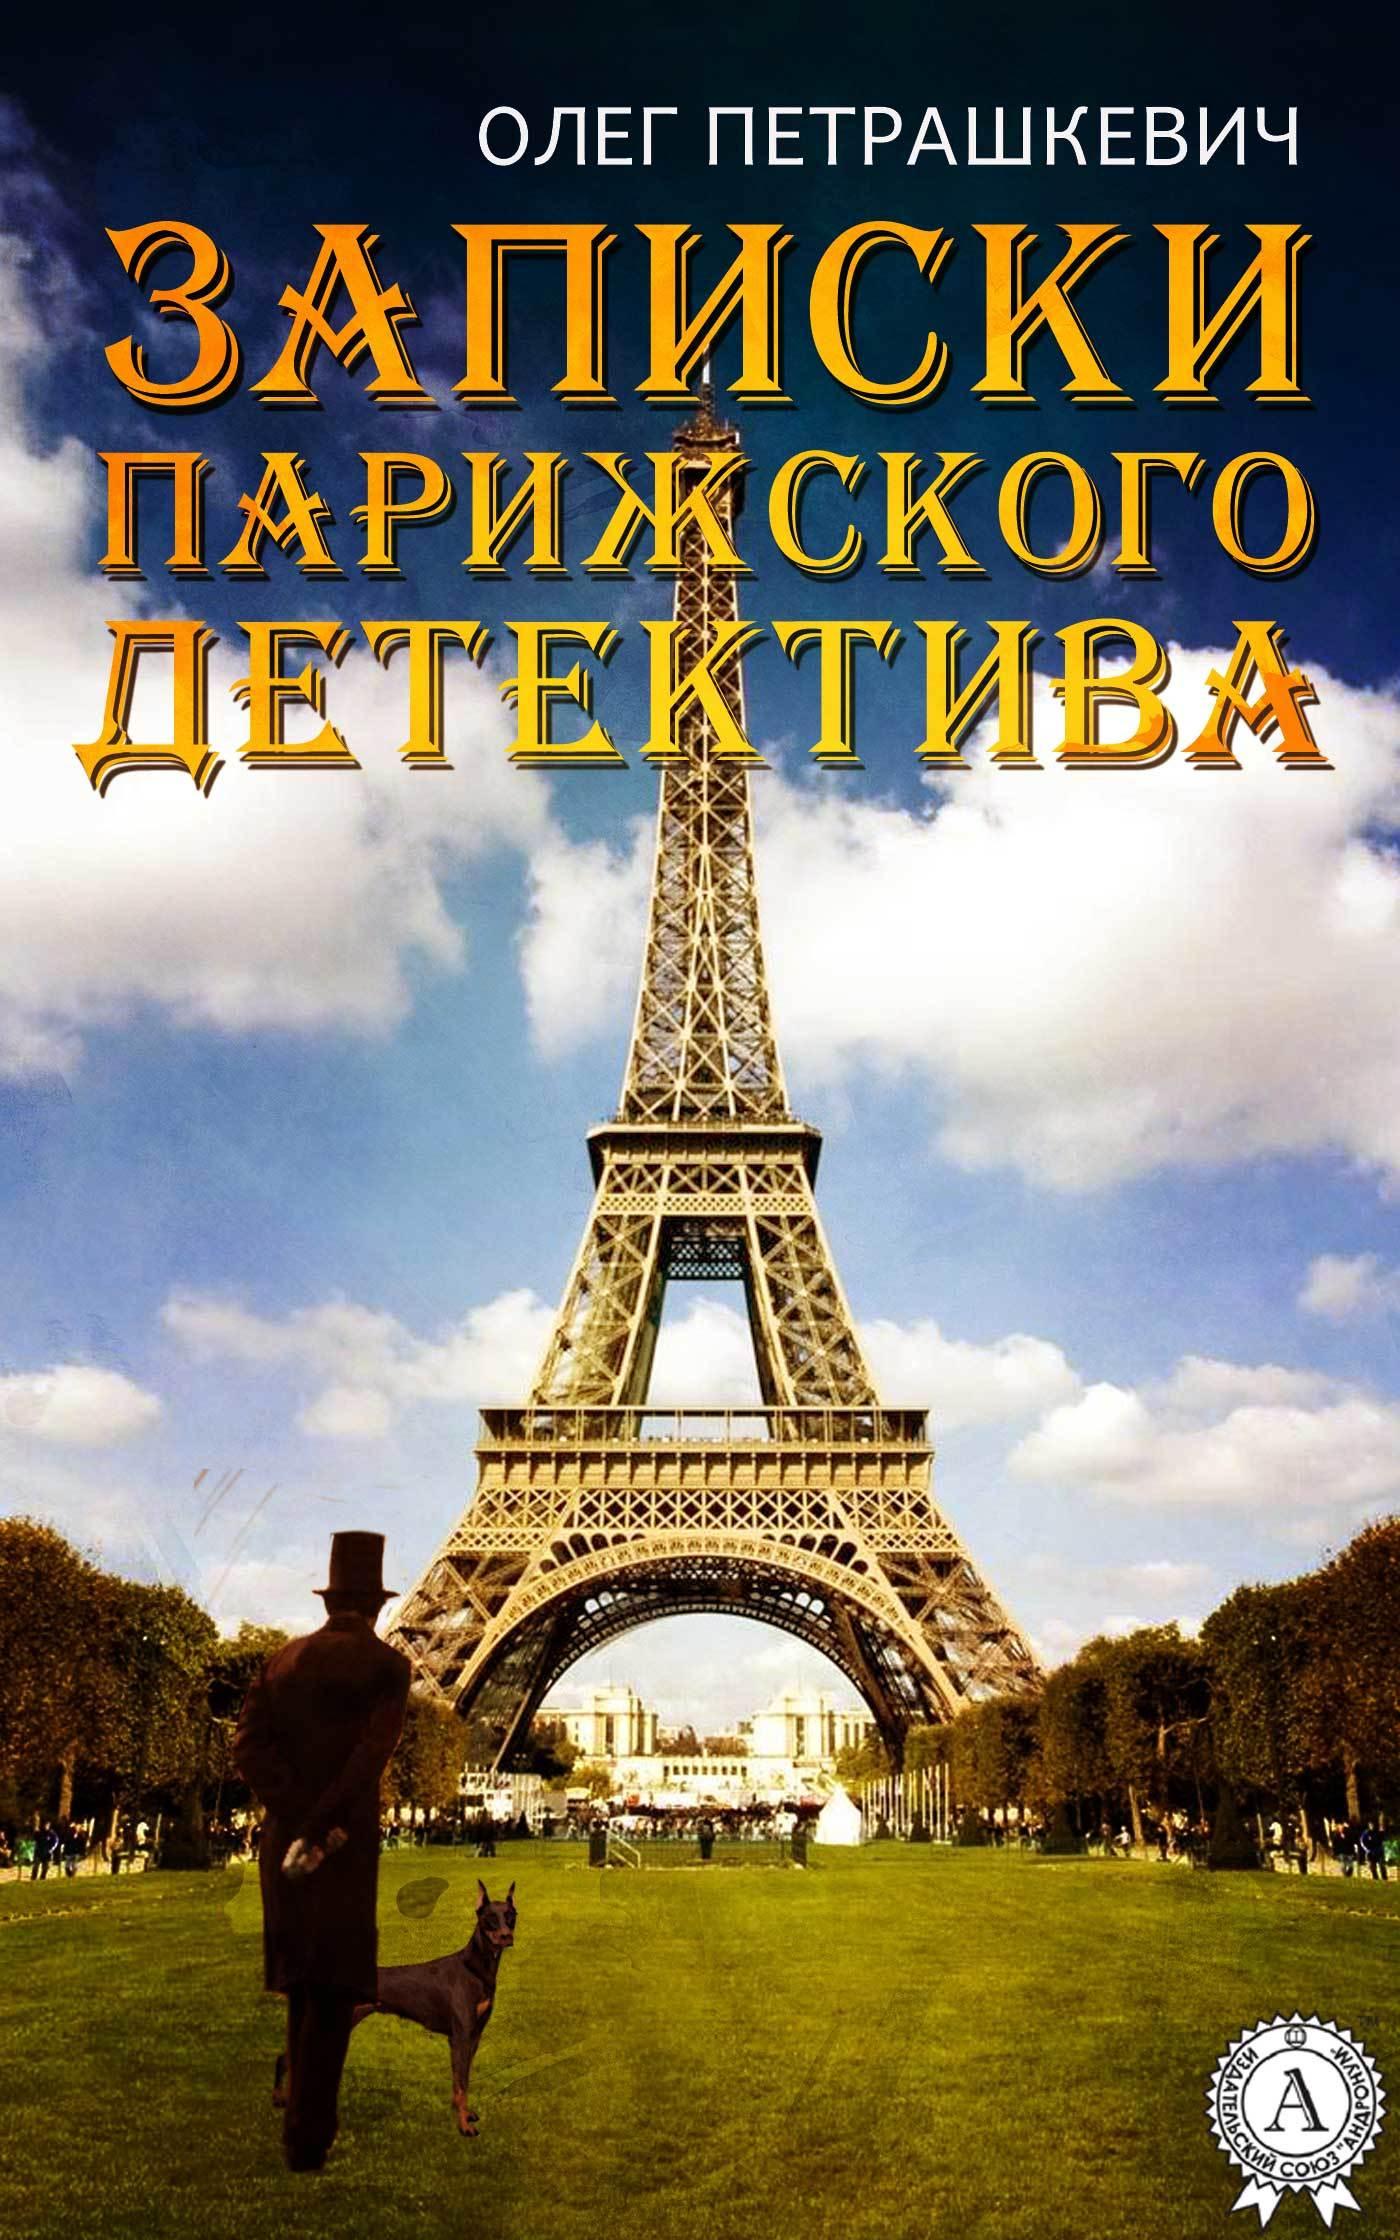 занимательное описание в книге Олег Петрашкевич